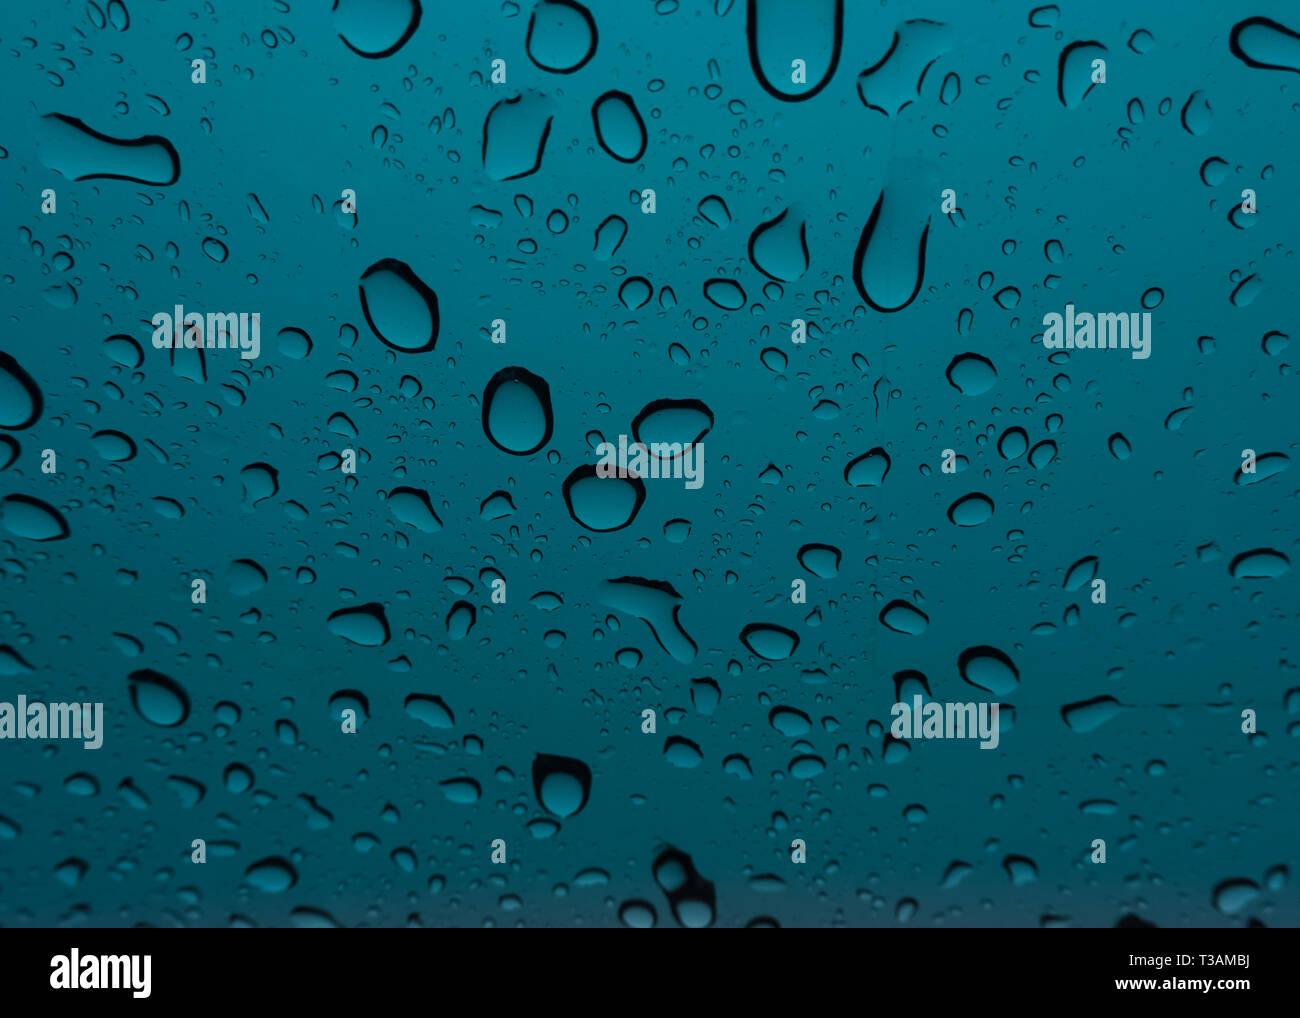 Zu den beruhigenden Klang der Regentropfen prasseln auf die Windschutzscheibe eines Autos hören. Die Kälte macht es noch komfortabler. Stockbild